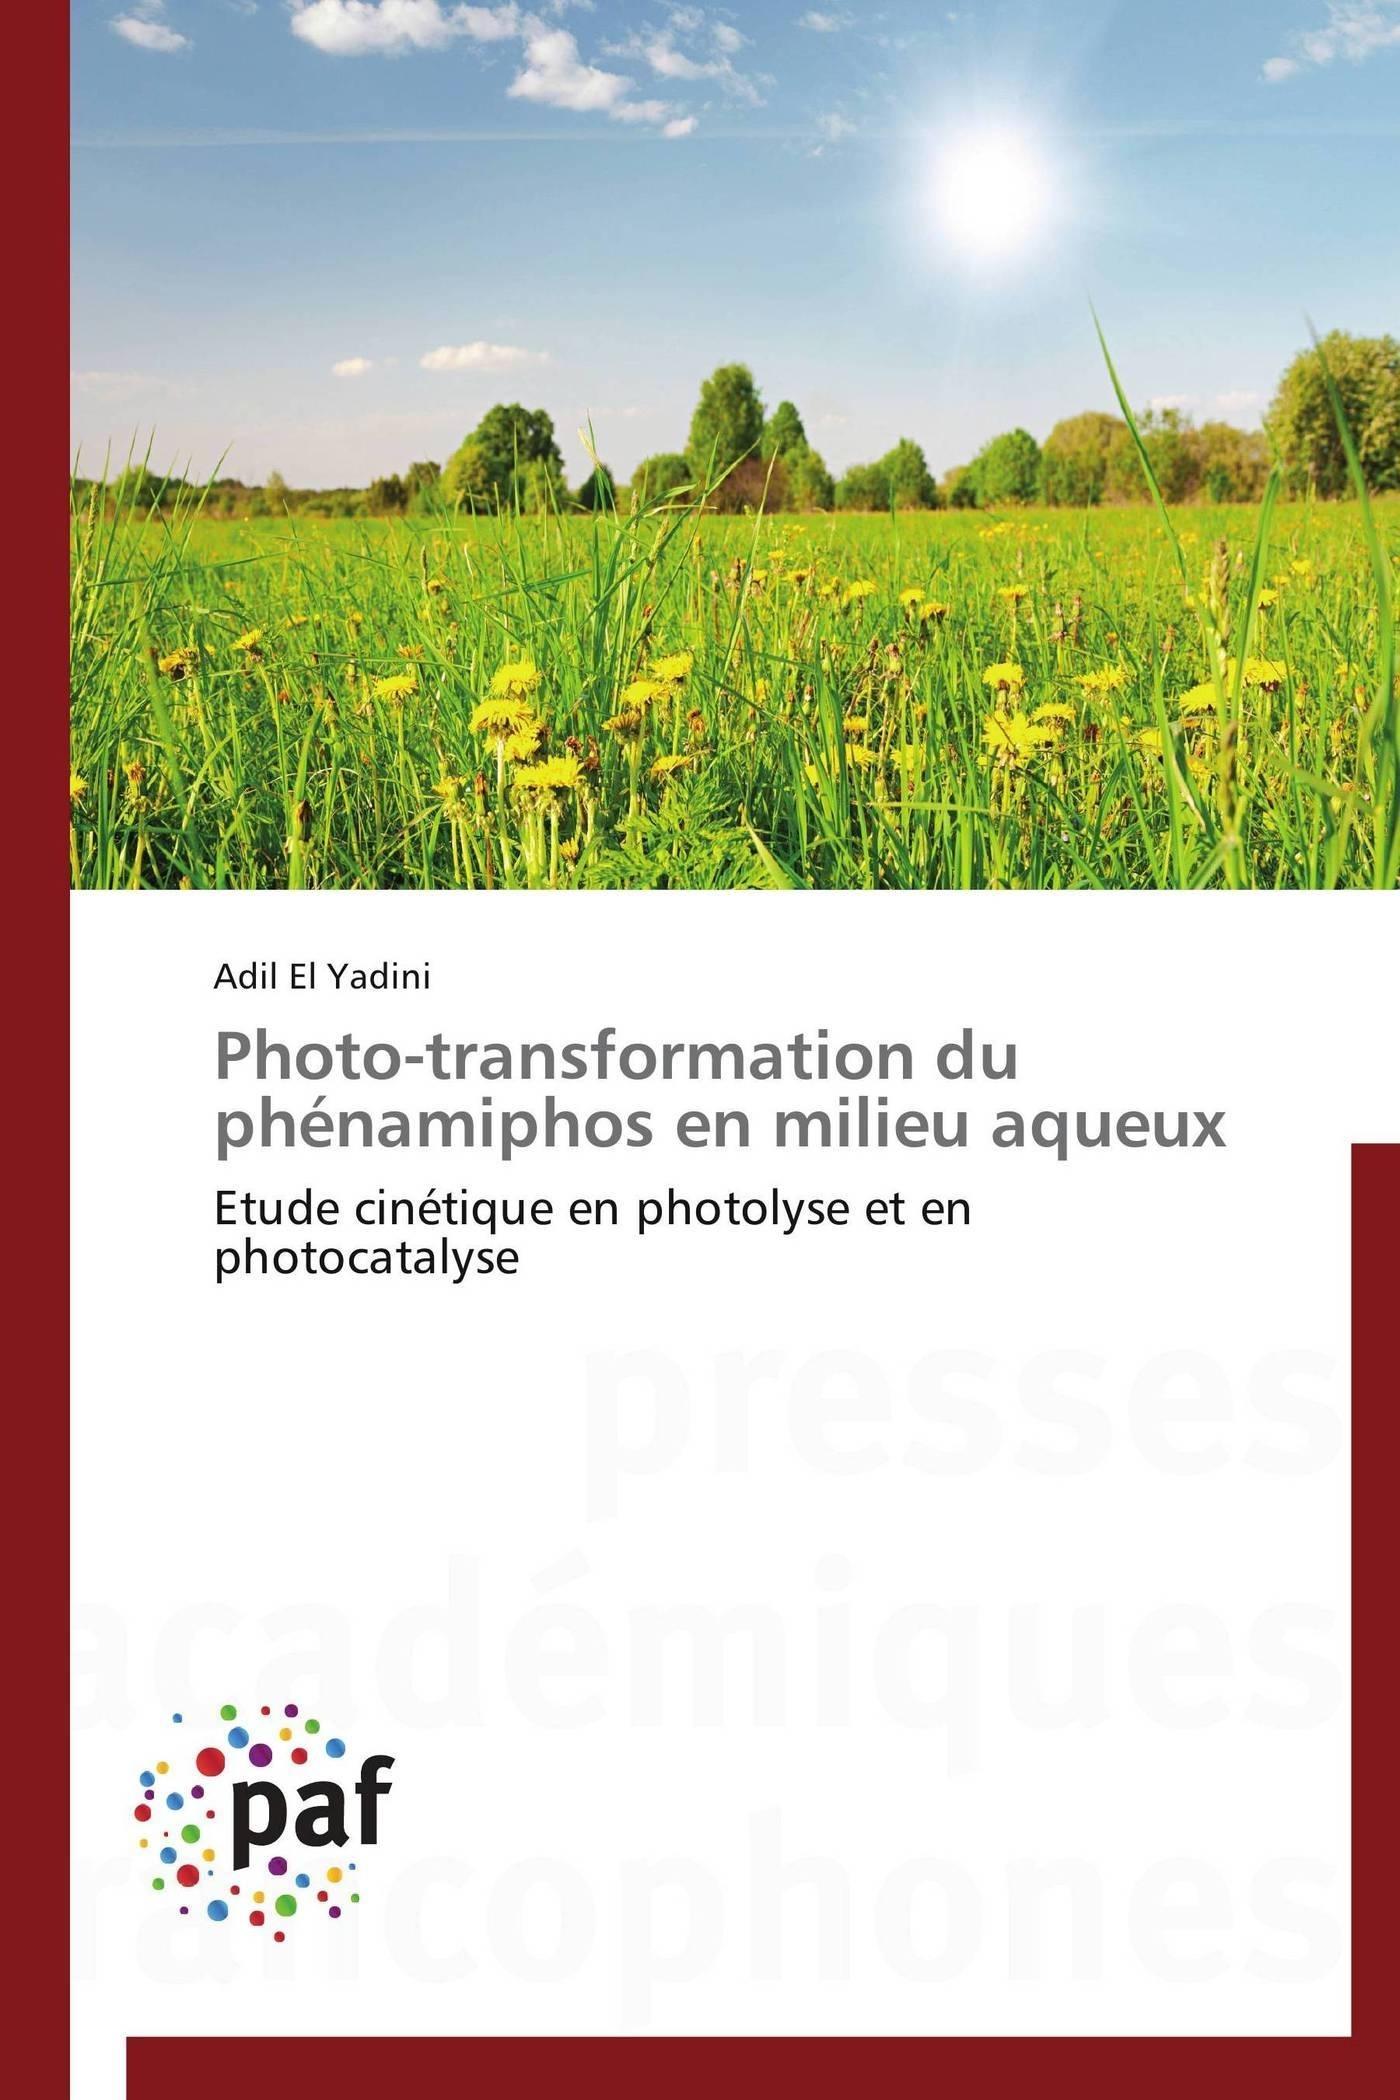 PHOTO-TRANSFORMATION DU PHENAMIPHOS EN MILIEU AQUEUX